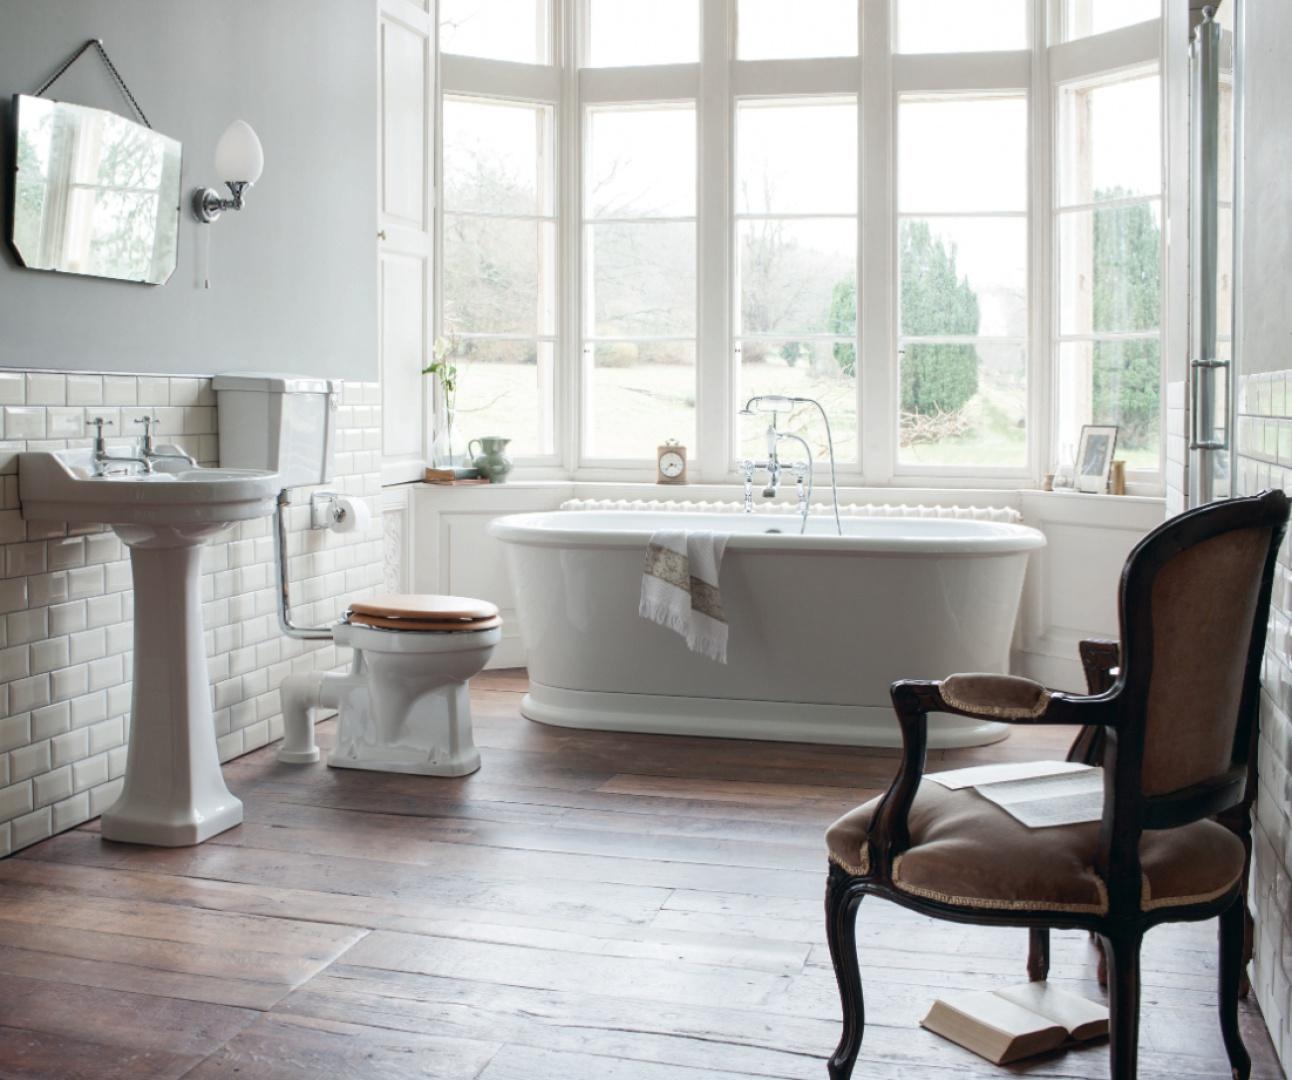 Kolekcja wyposażenia Burlington marki Regia w klasycznym stylu inspirowana klimatem angielskich łazienek. Fot. Regia.